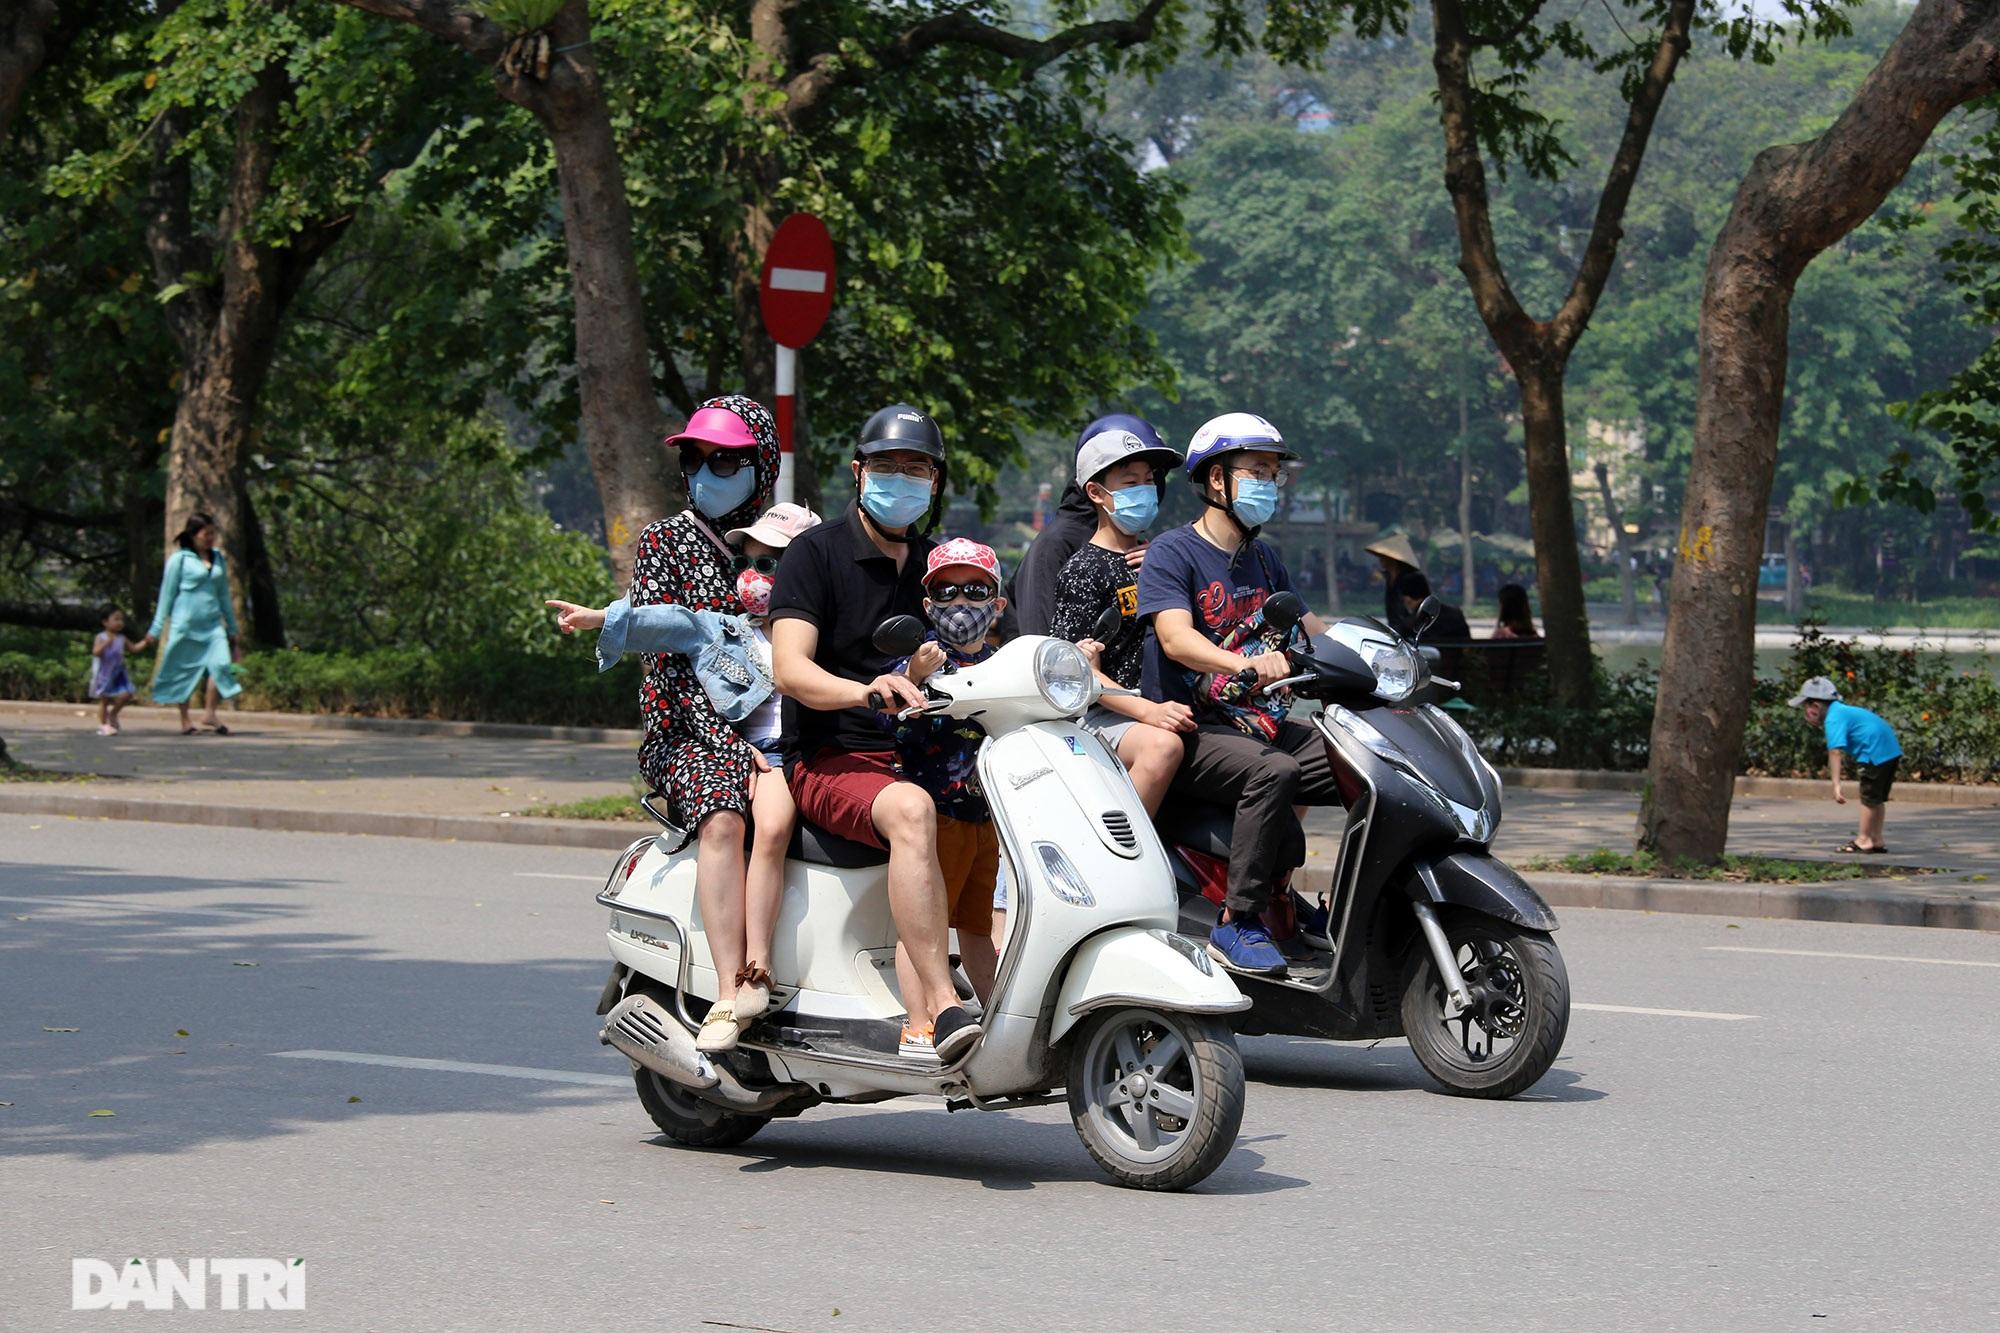 Mặc dù lo ngại dịch Covid-19, nhiều điểm vui chơi ở Hà Nội vẫn đông khách - 4